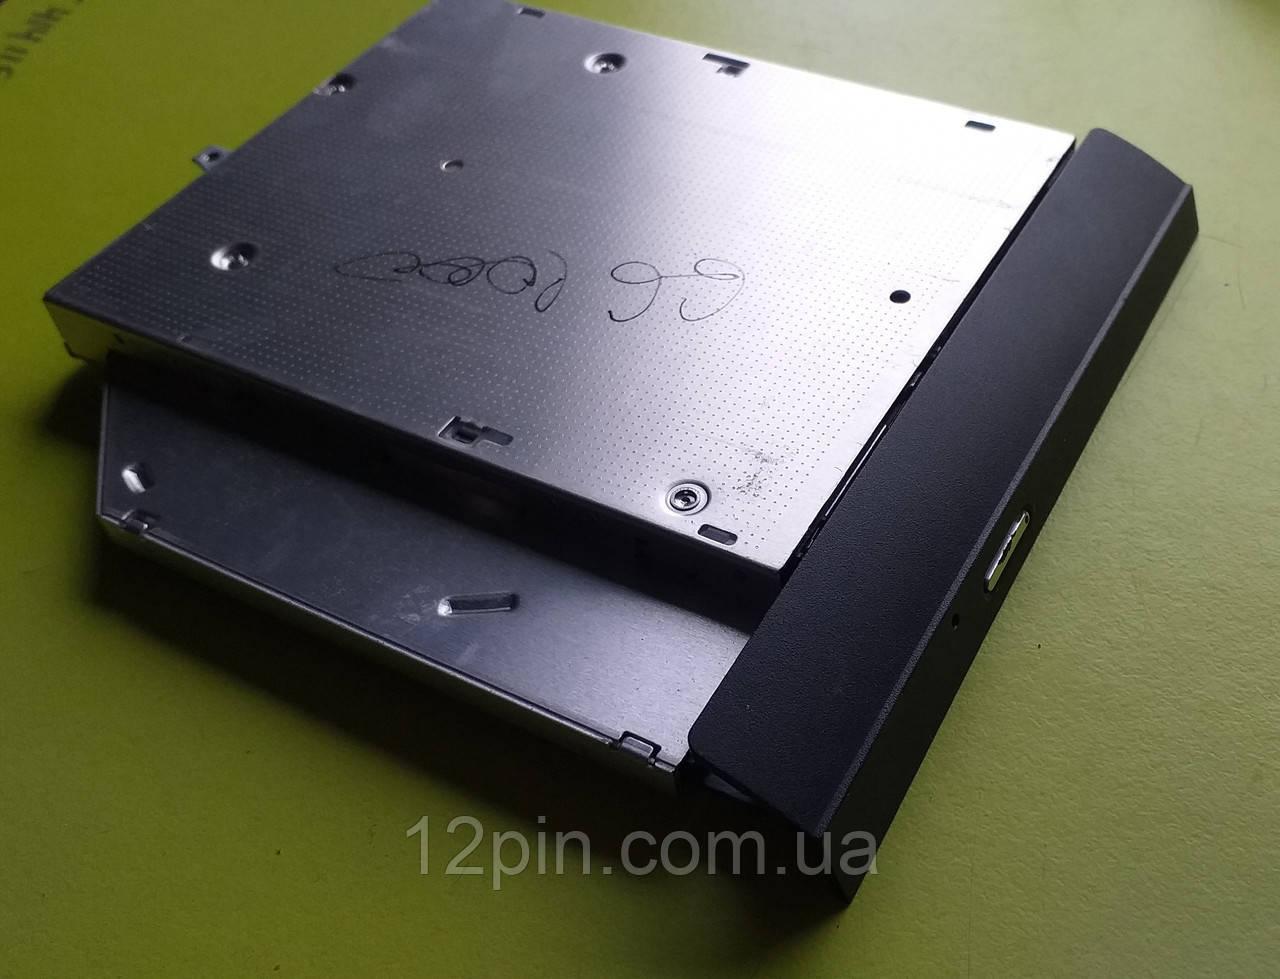 Привод HP G6-1000 б/у оригинал